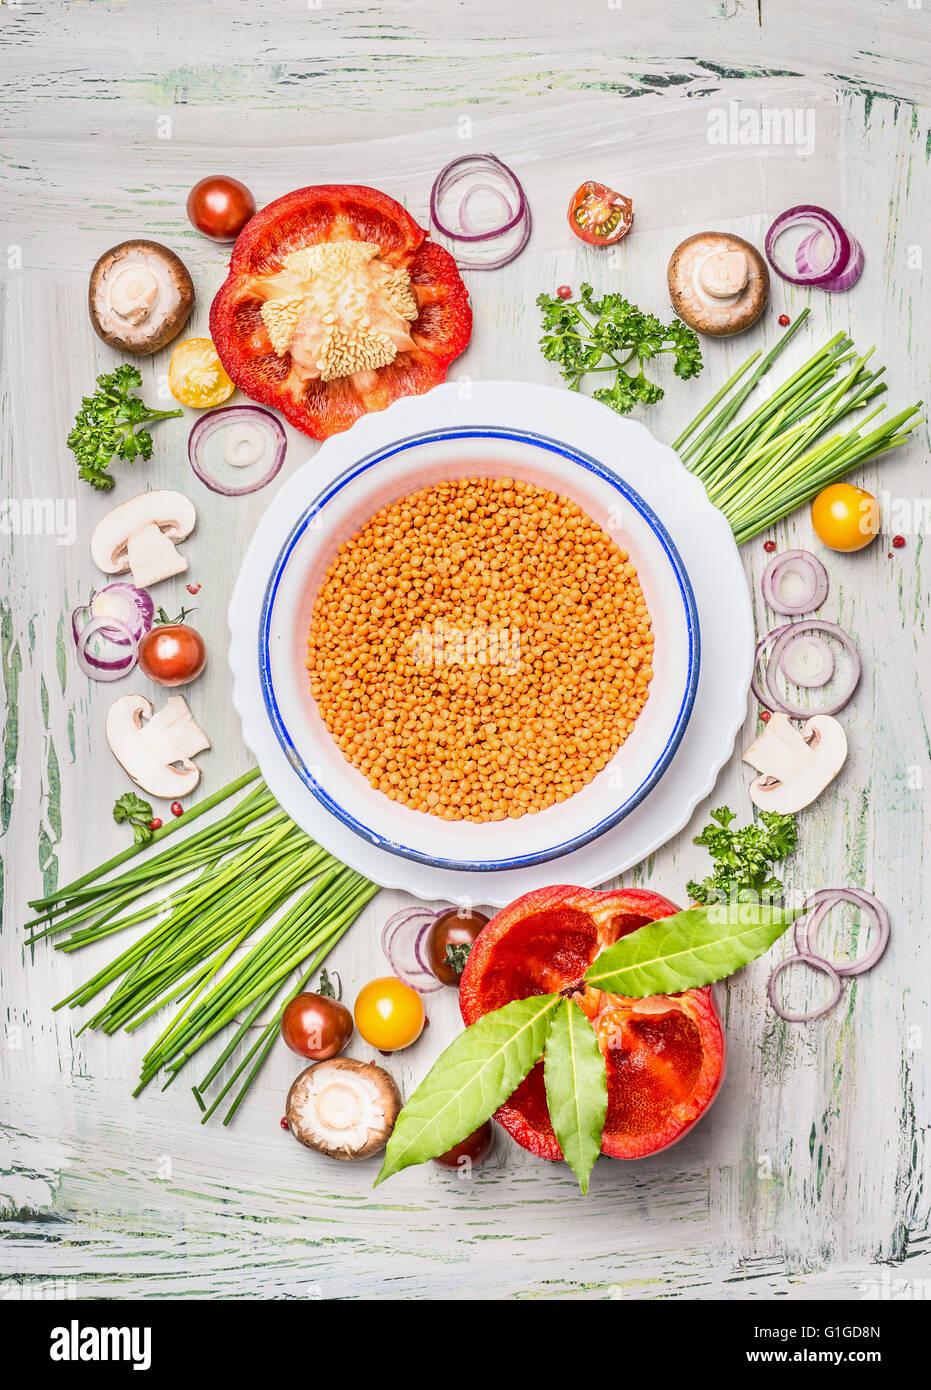 Rote Linsen in Schale und Gemüse Zutaten für gesunde vegetarische Küche, Top anzeigen verfassen. Stockbild